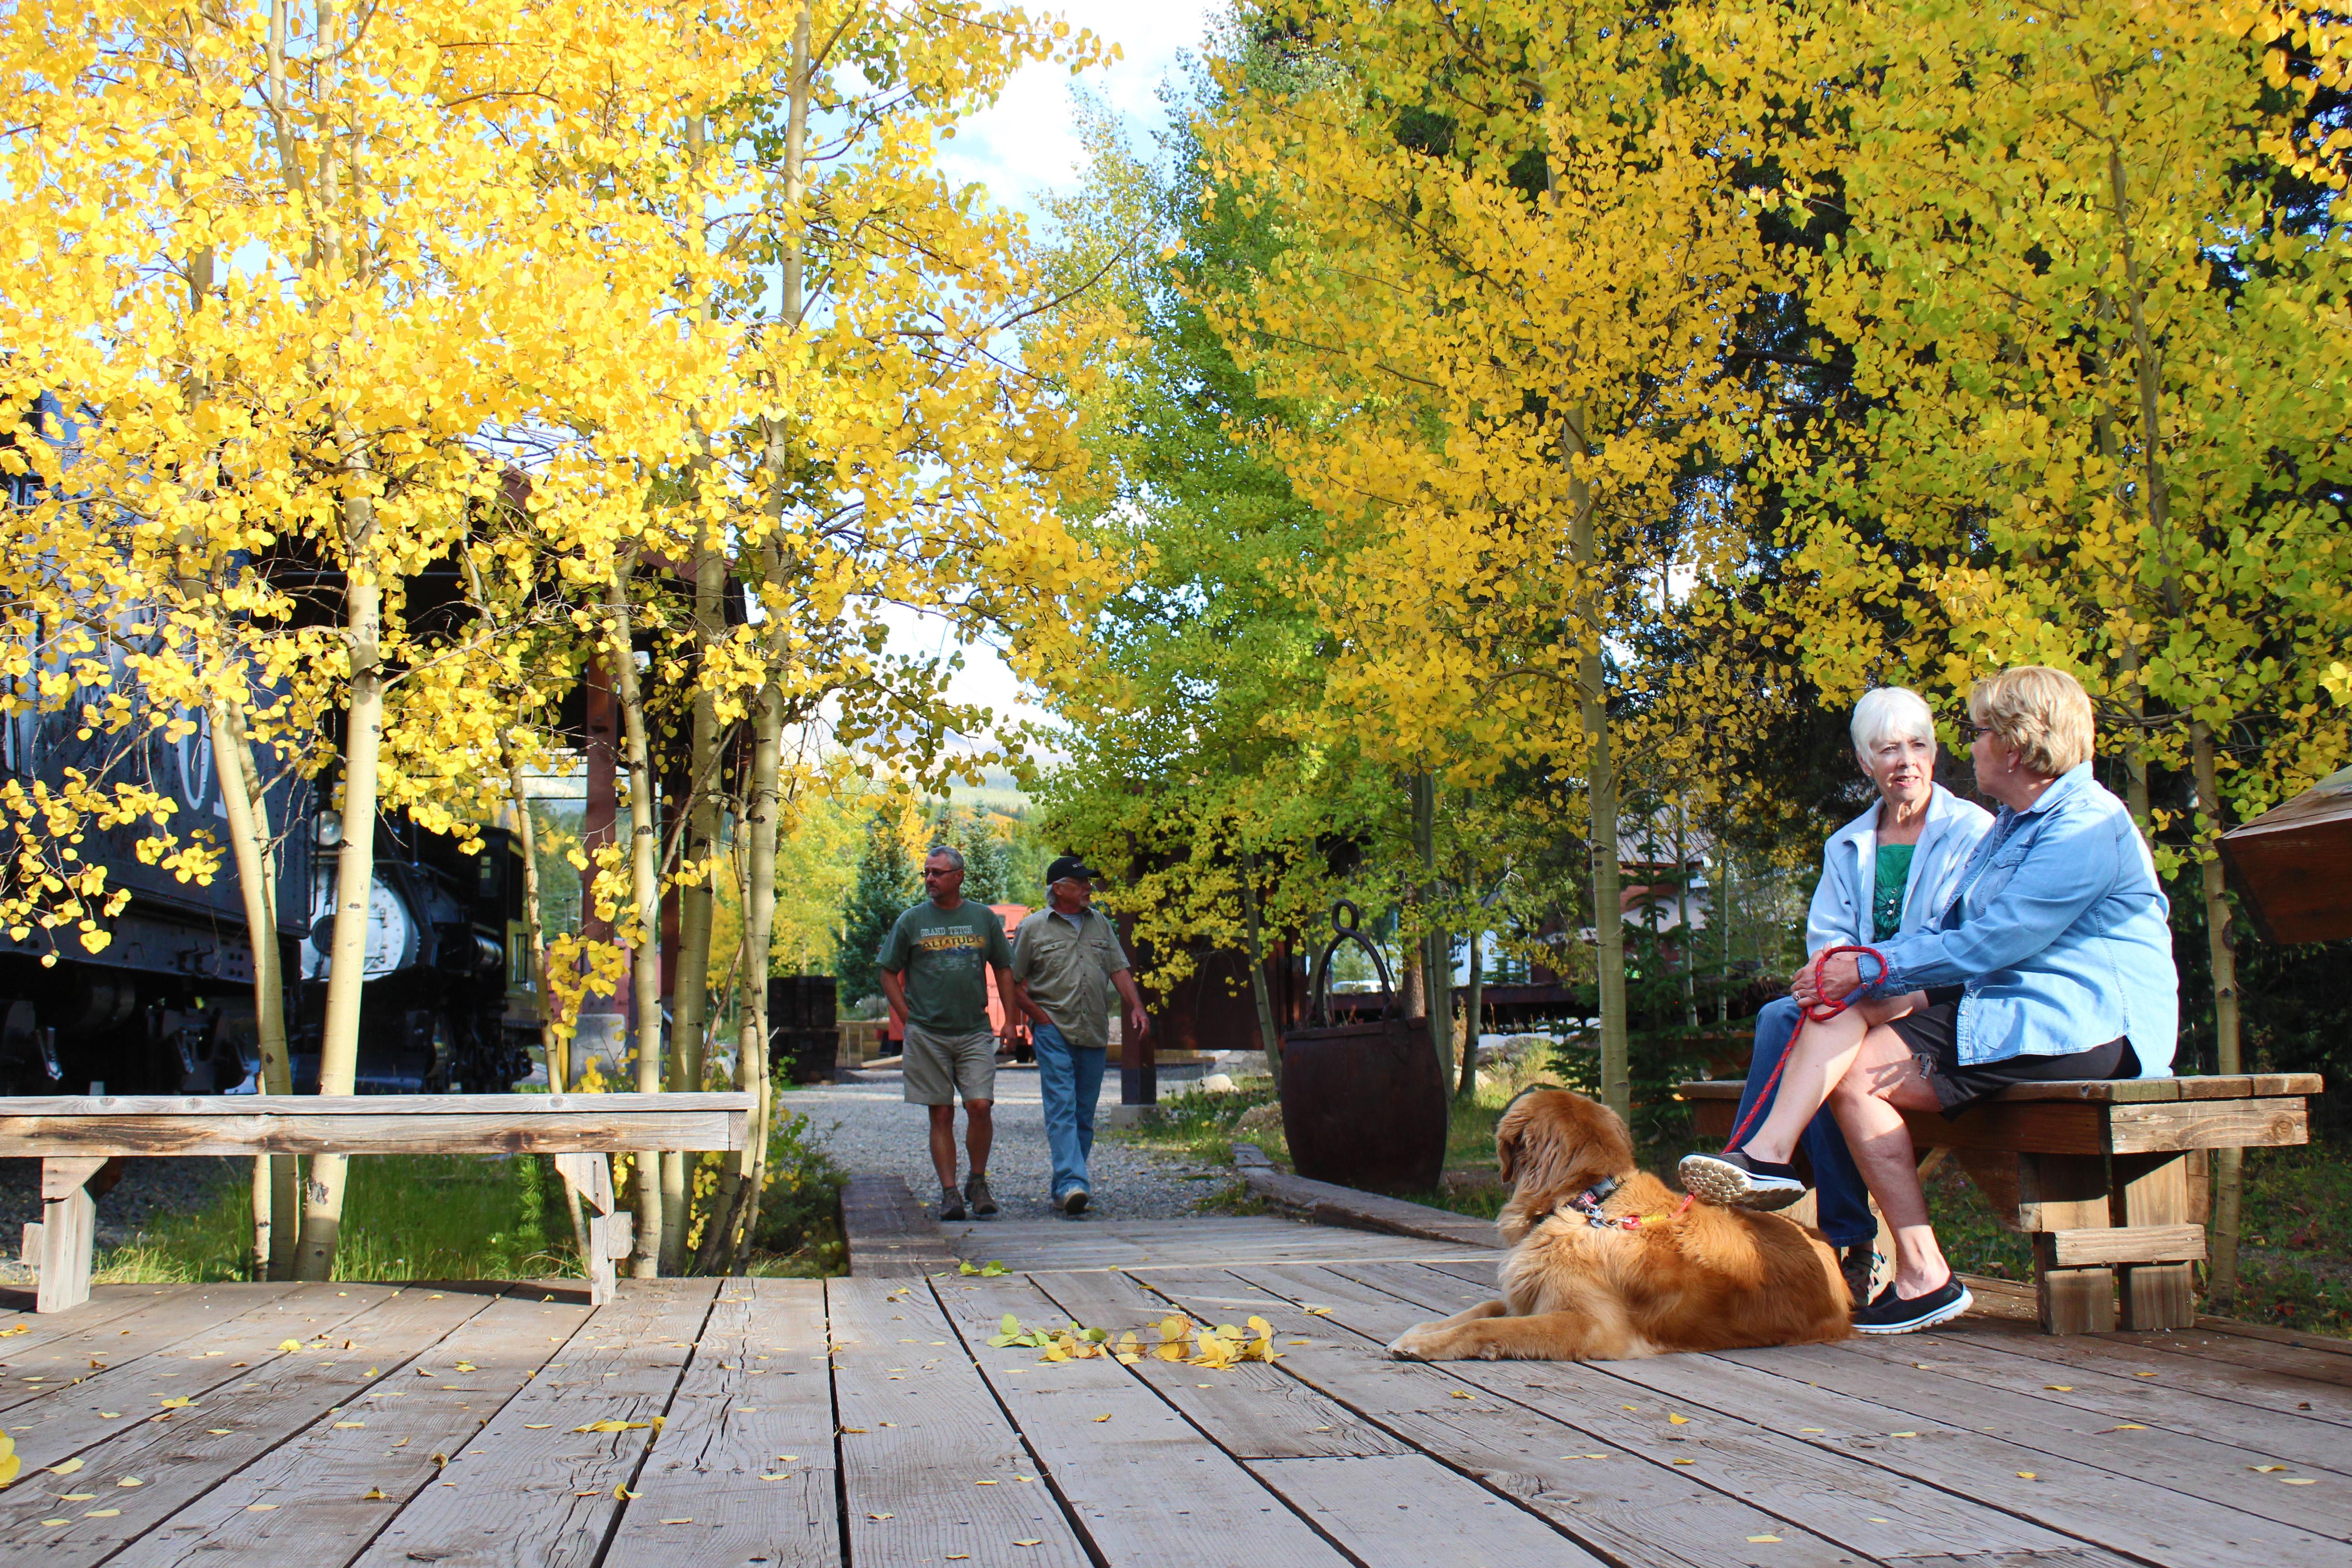 Dog-Friendly in Summit County